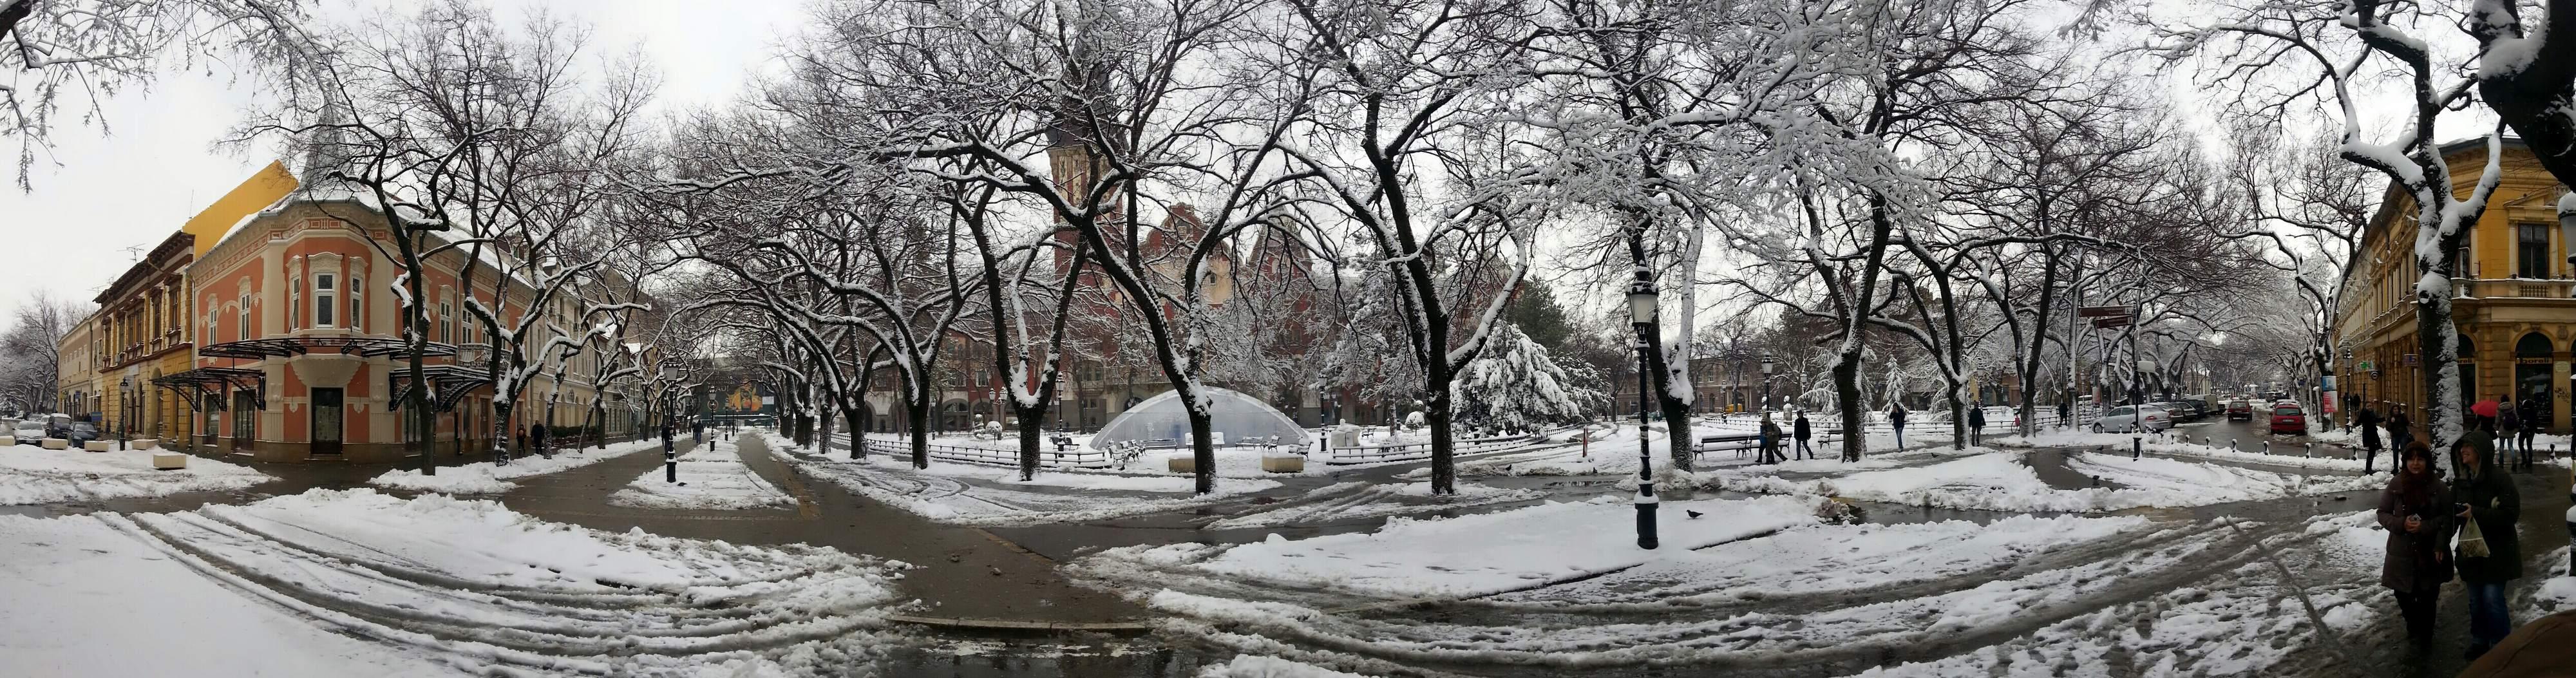 Sneg koji nas sve zaledio posle par dana temperature preko 15 stepeni